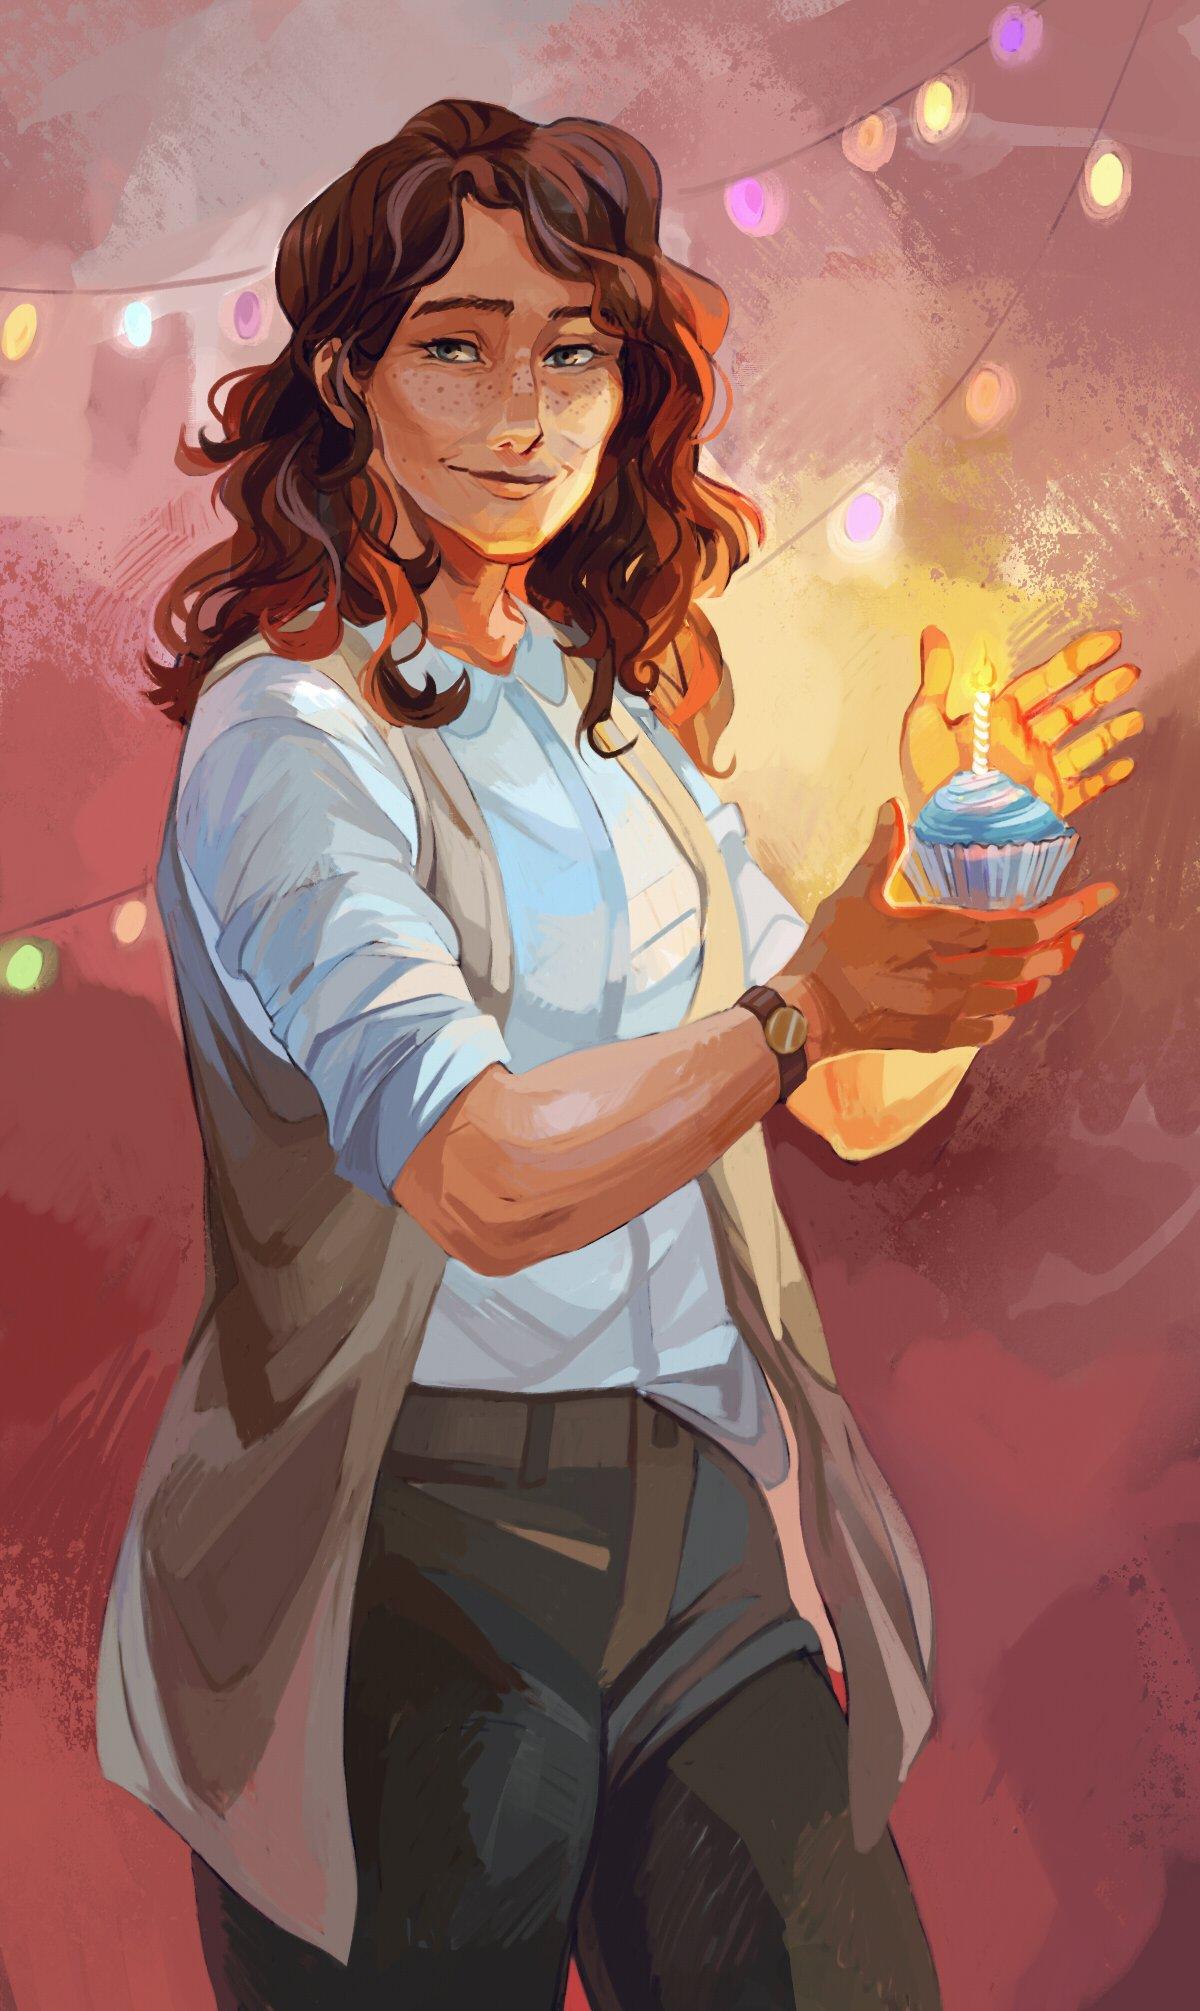 Annabeth Chase: karakter hakkında